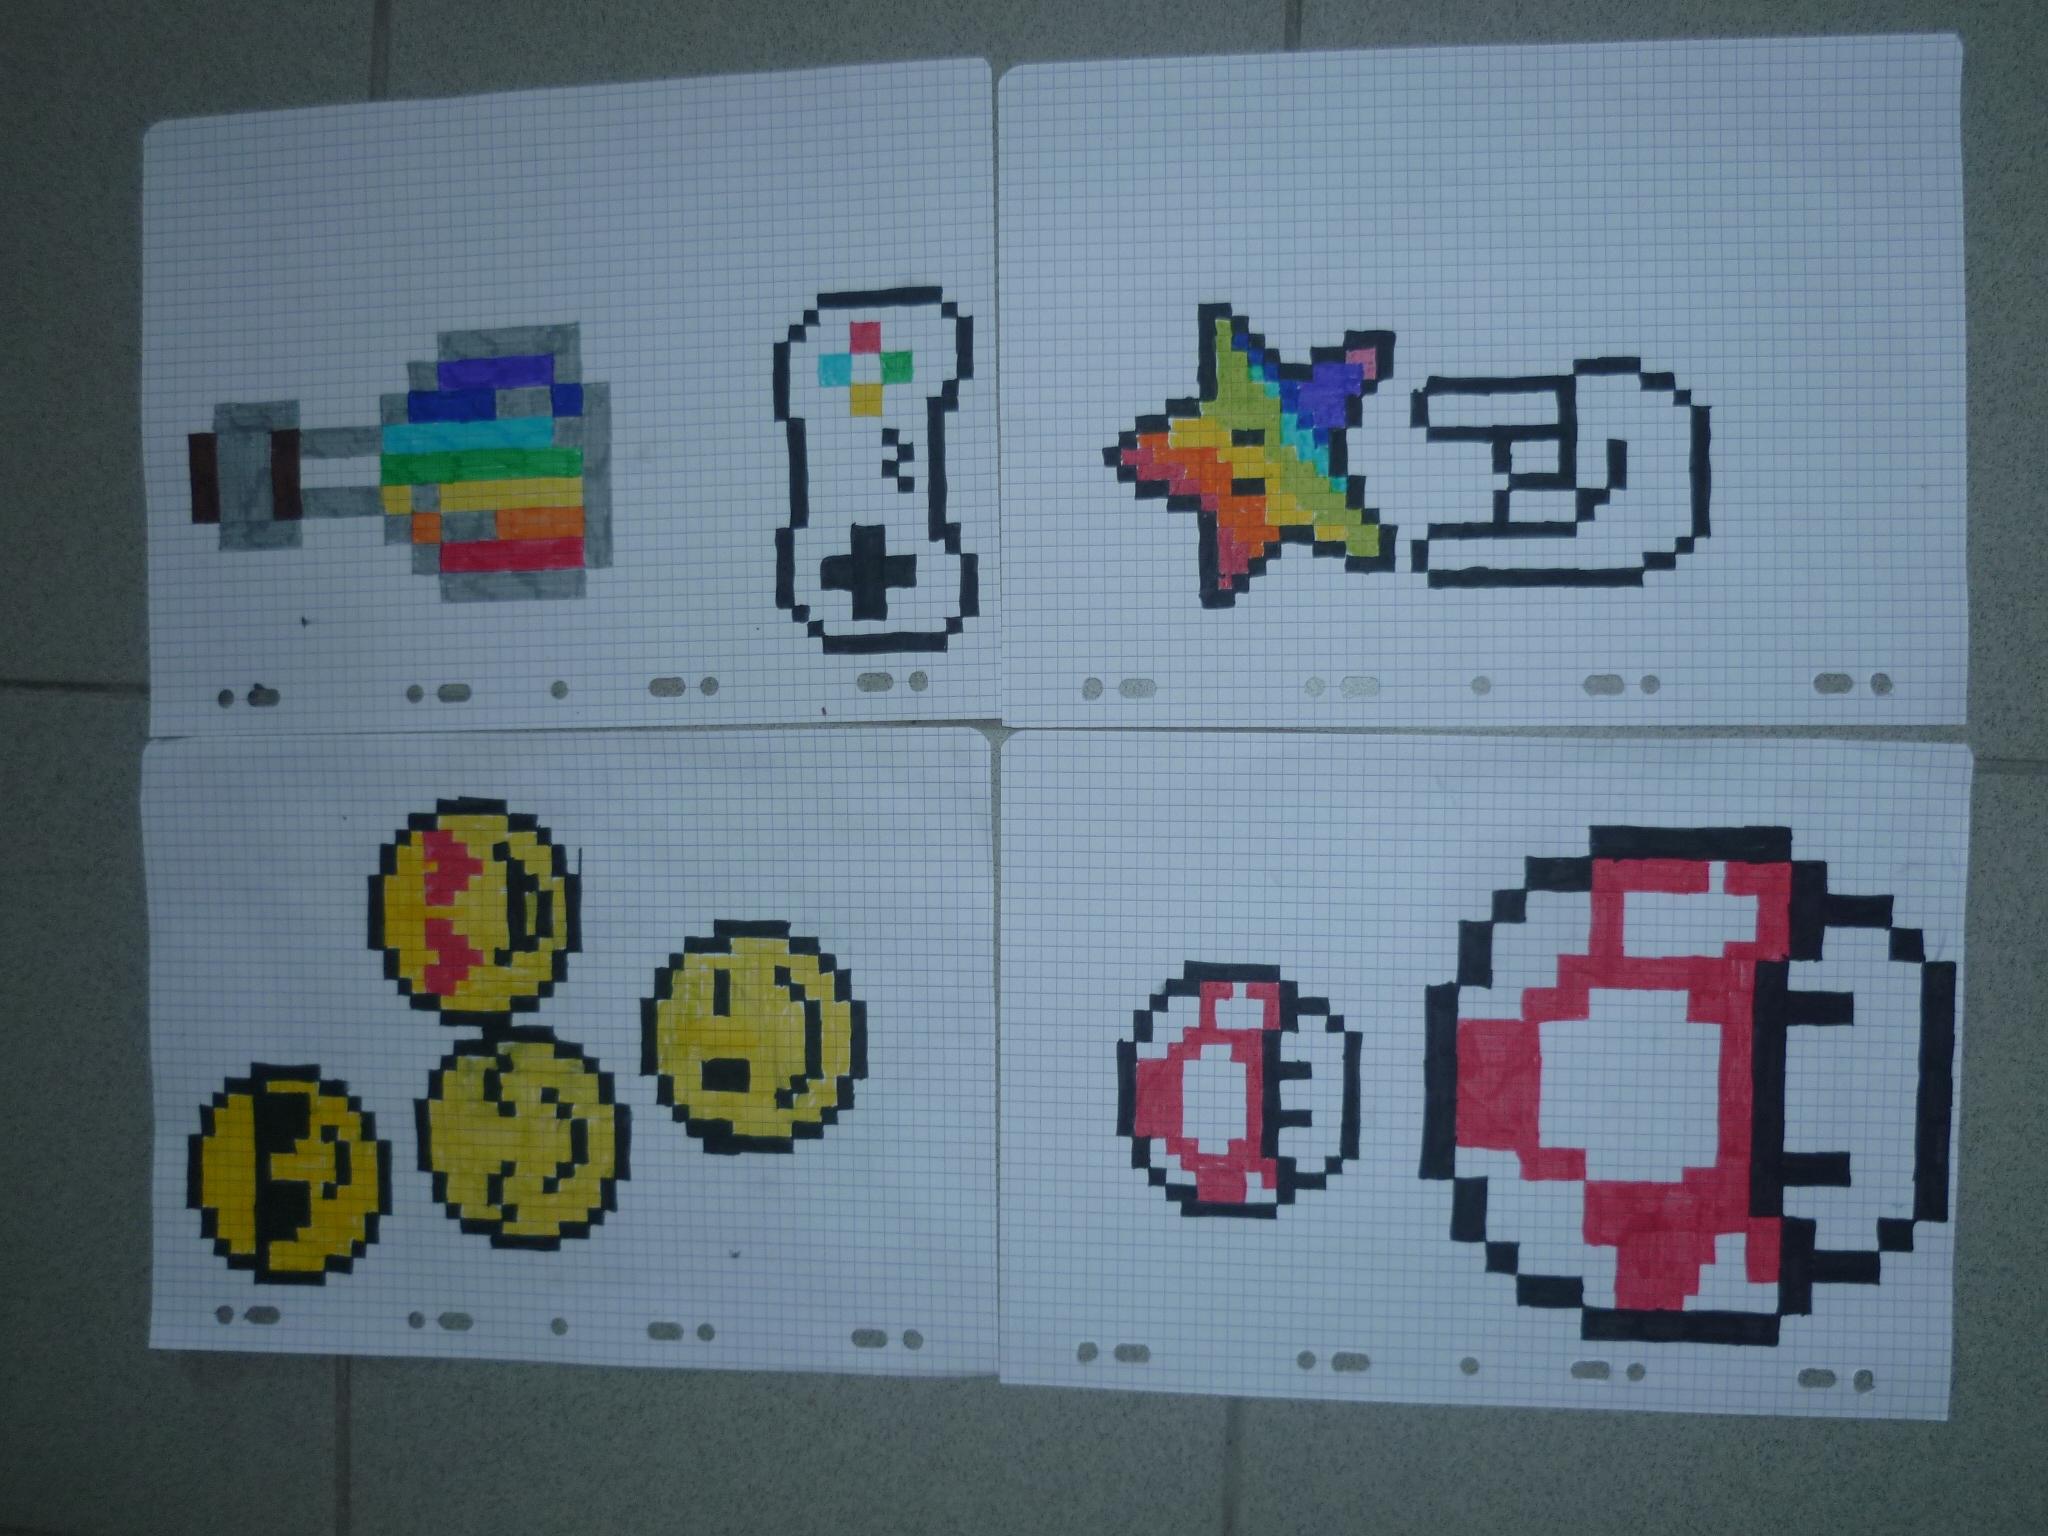 Le Pixel Art Ecole Sainte Famille Varades